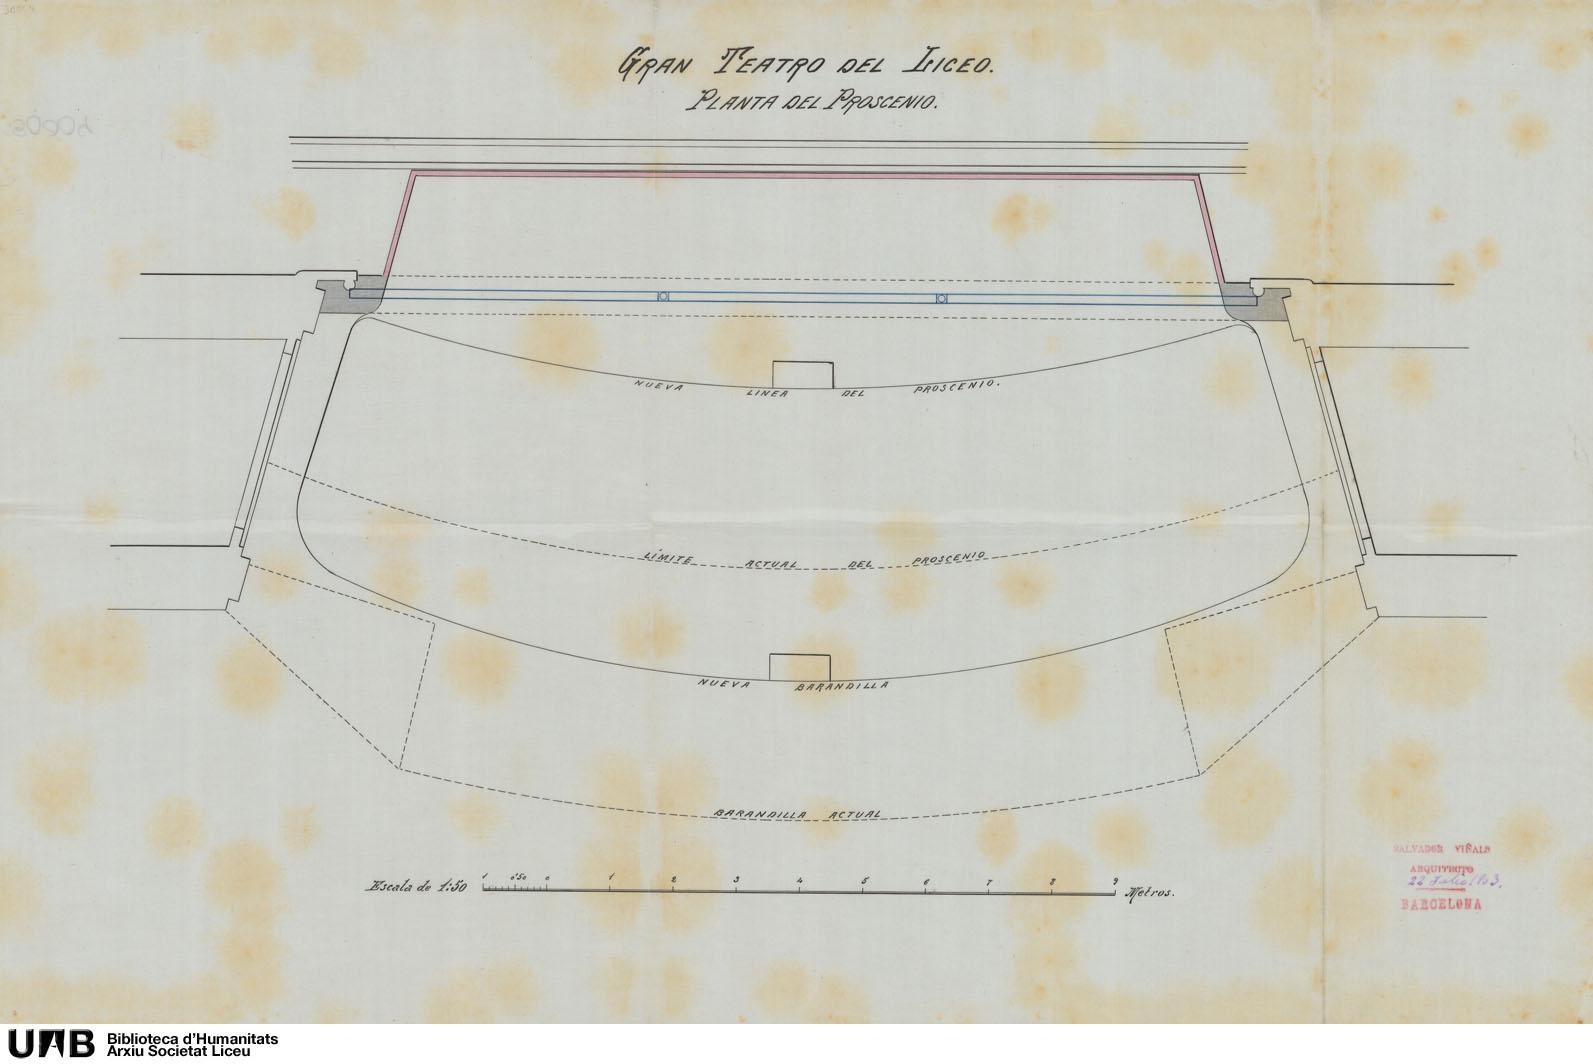 Plano reflejando las modificaciones hechas en el anteproyecto de reforma y ensanche del espacio que ocupa la orquesta